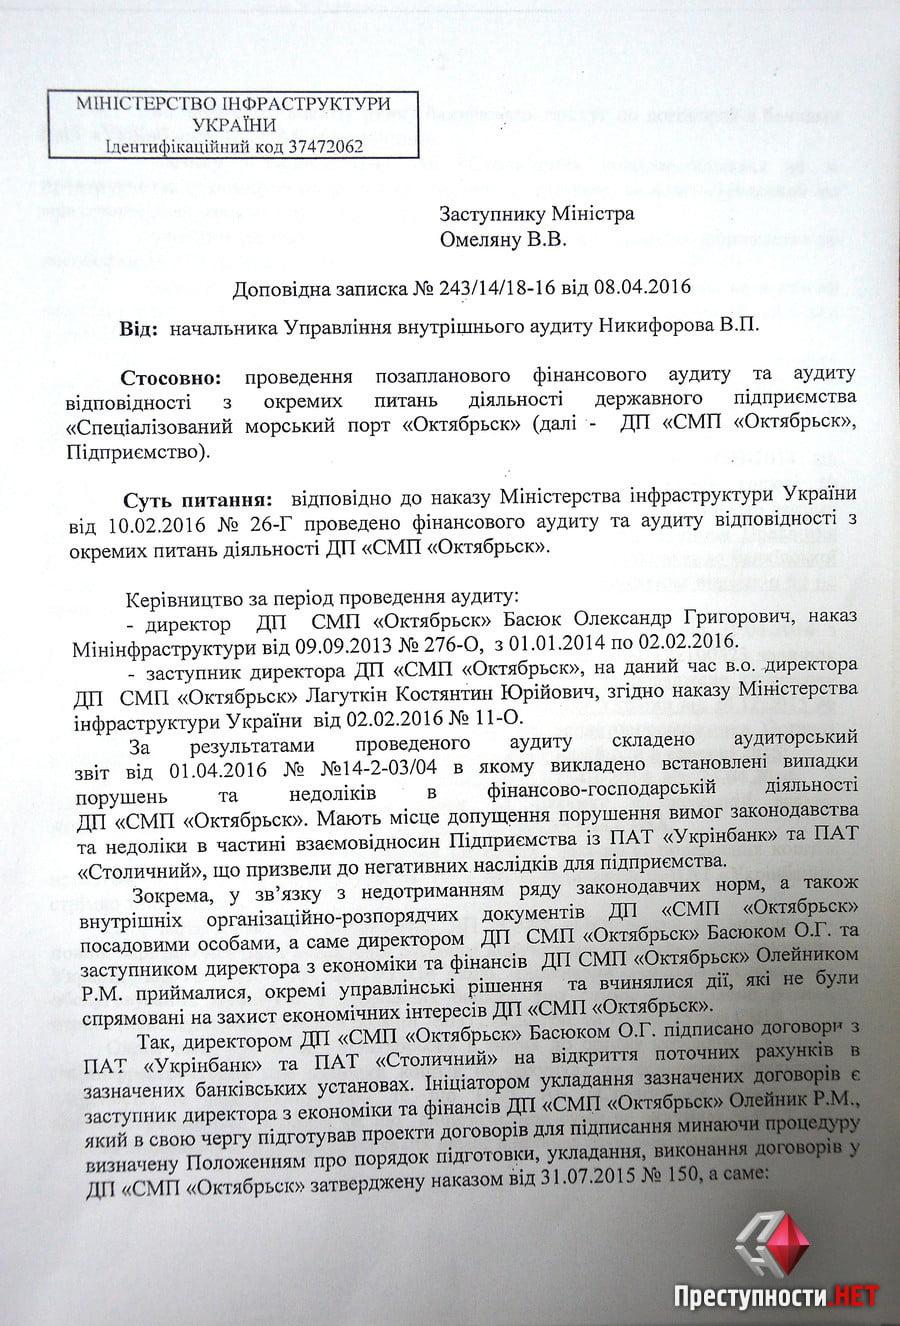 Из-за бездействия экс-руководства спецпорт «Октябрьск» может потерять 77 миллионов гривен, - результаты аудита   Корабелов.ИНФО image 3